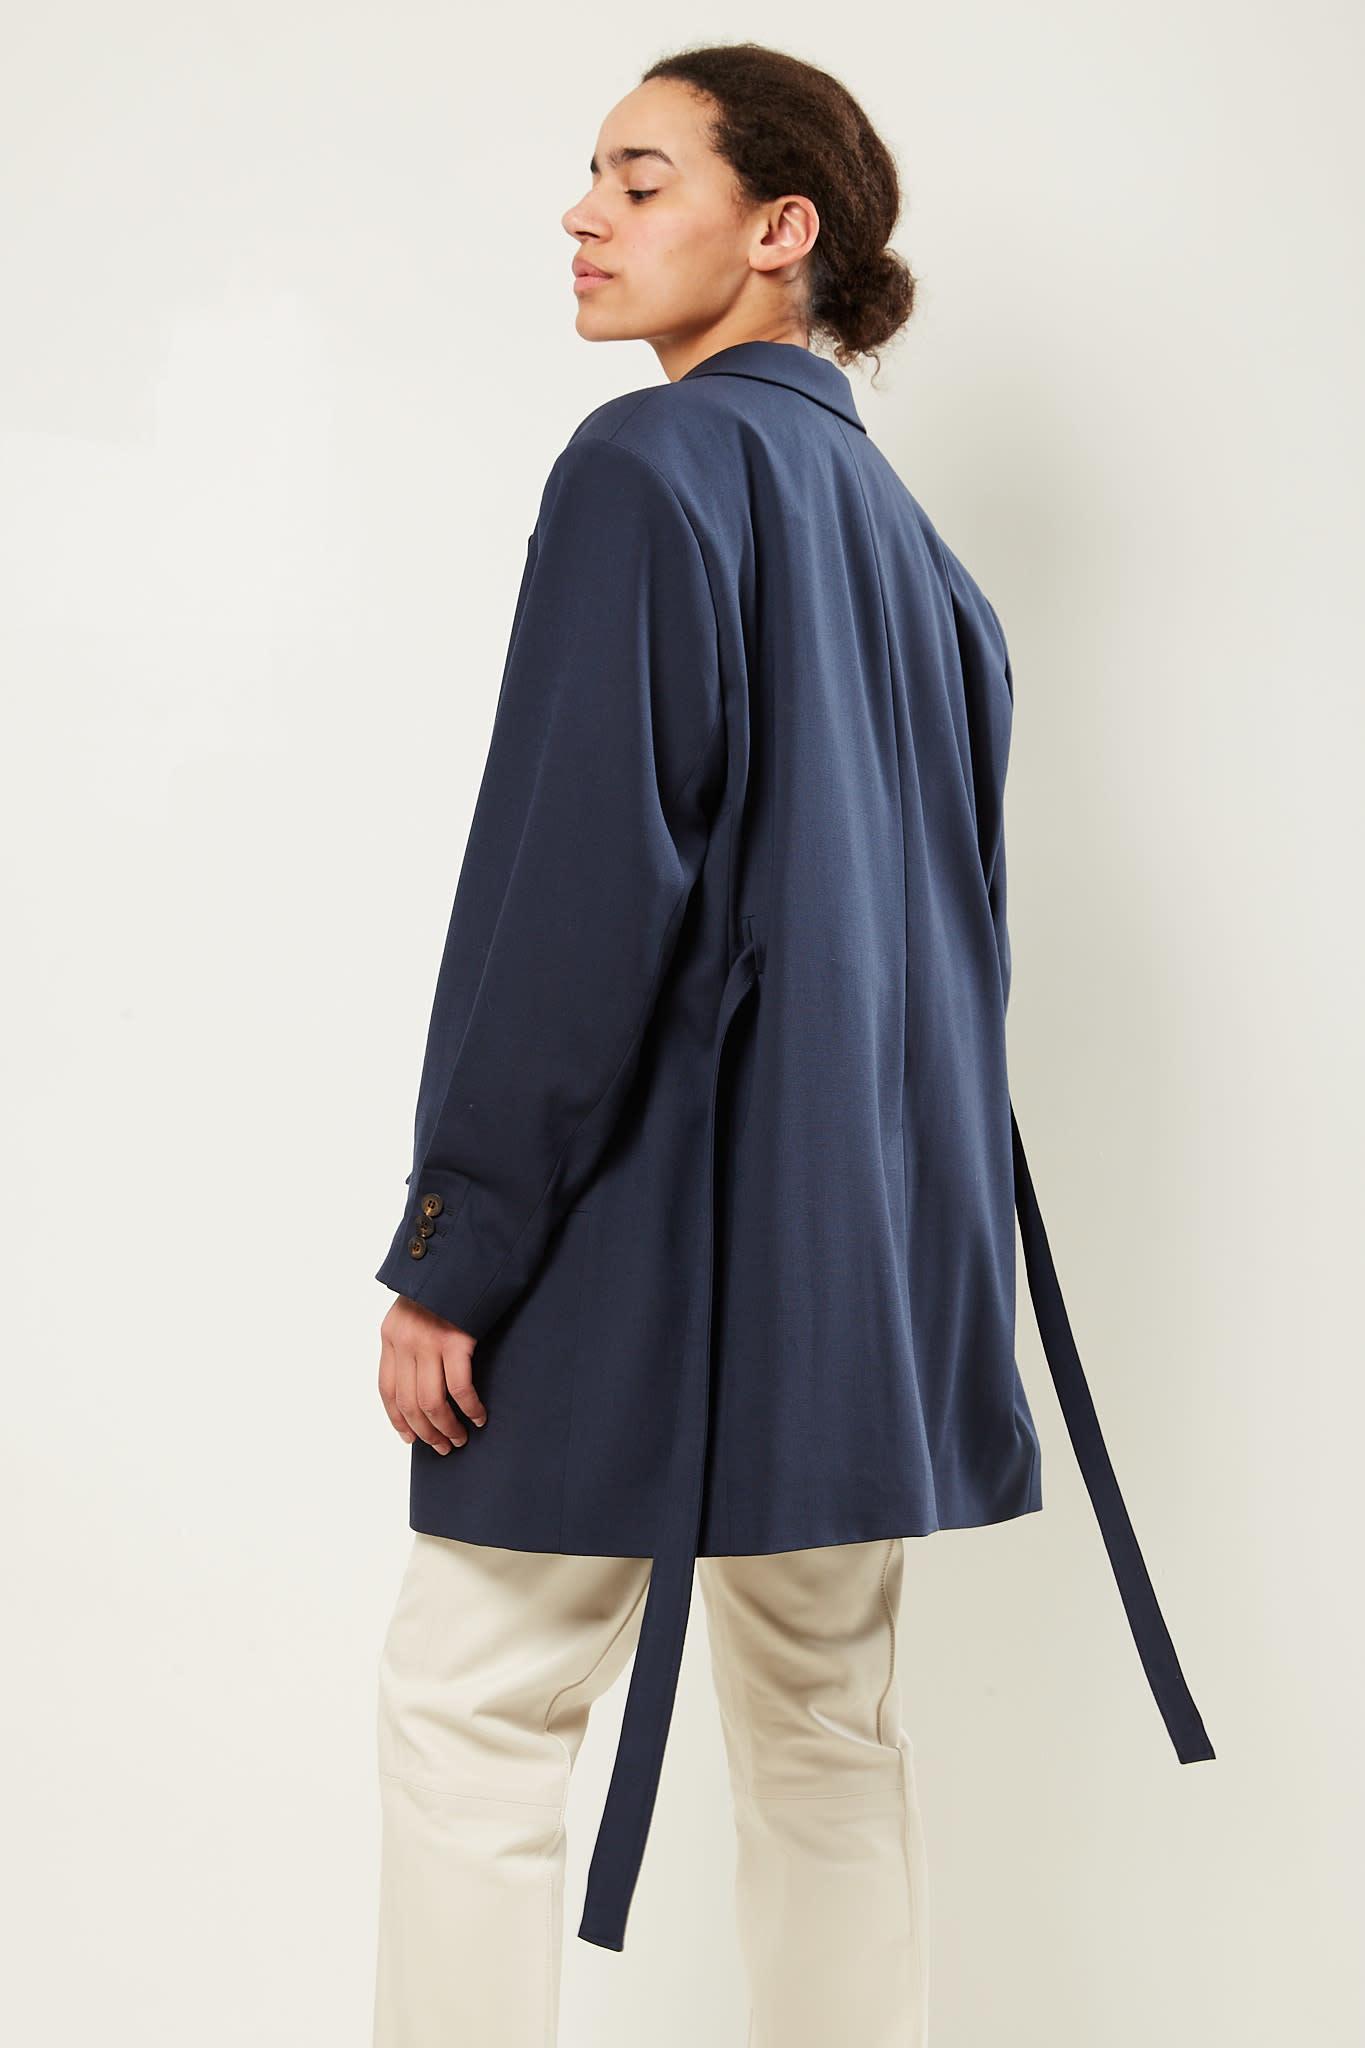 Frenken - Drop Out light wool suiting blazer